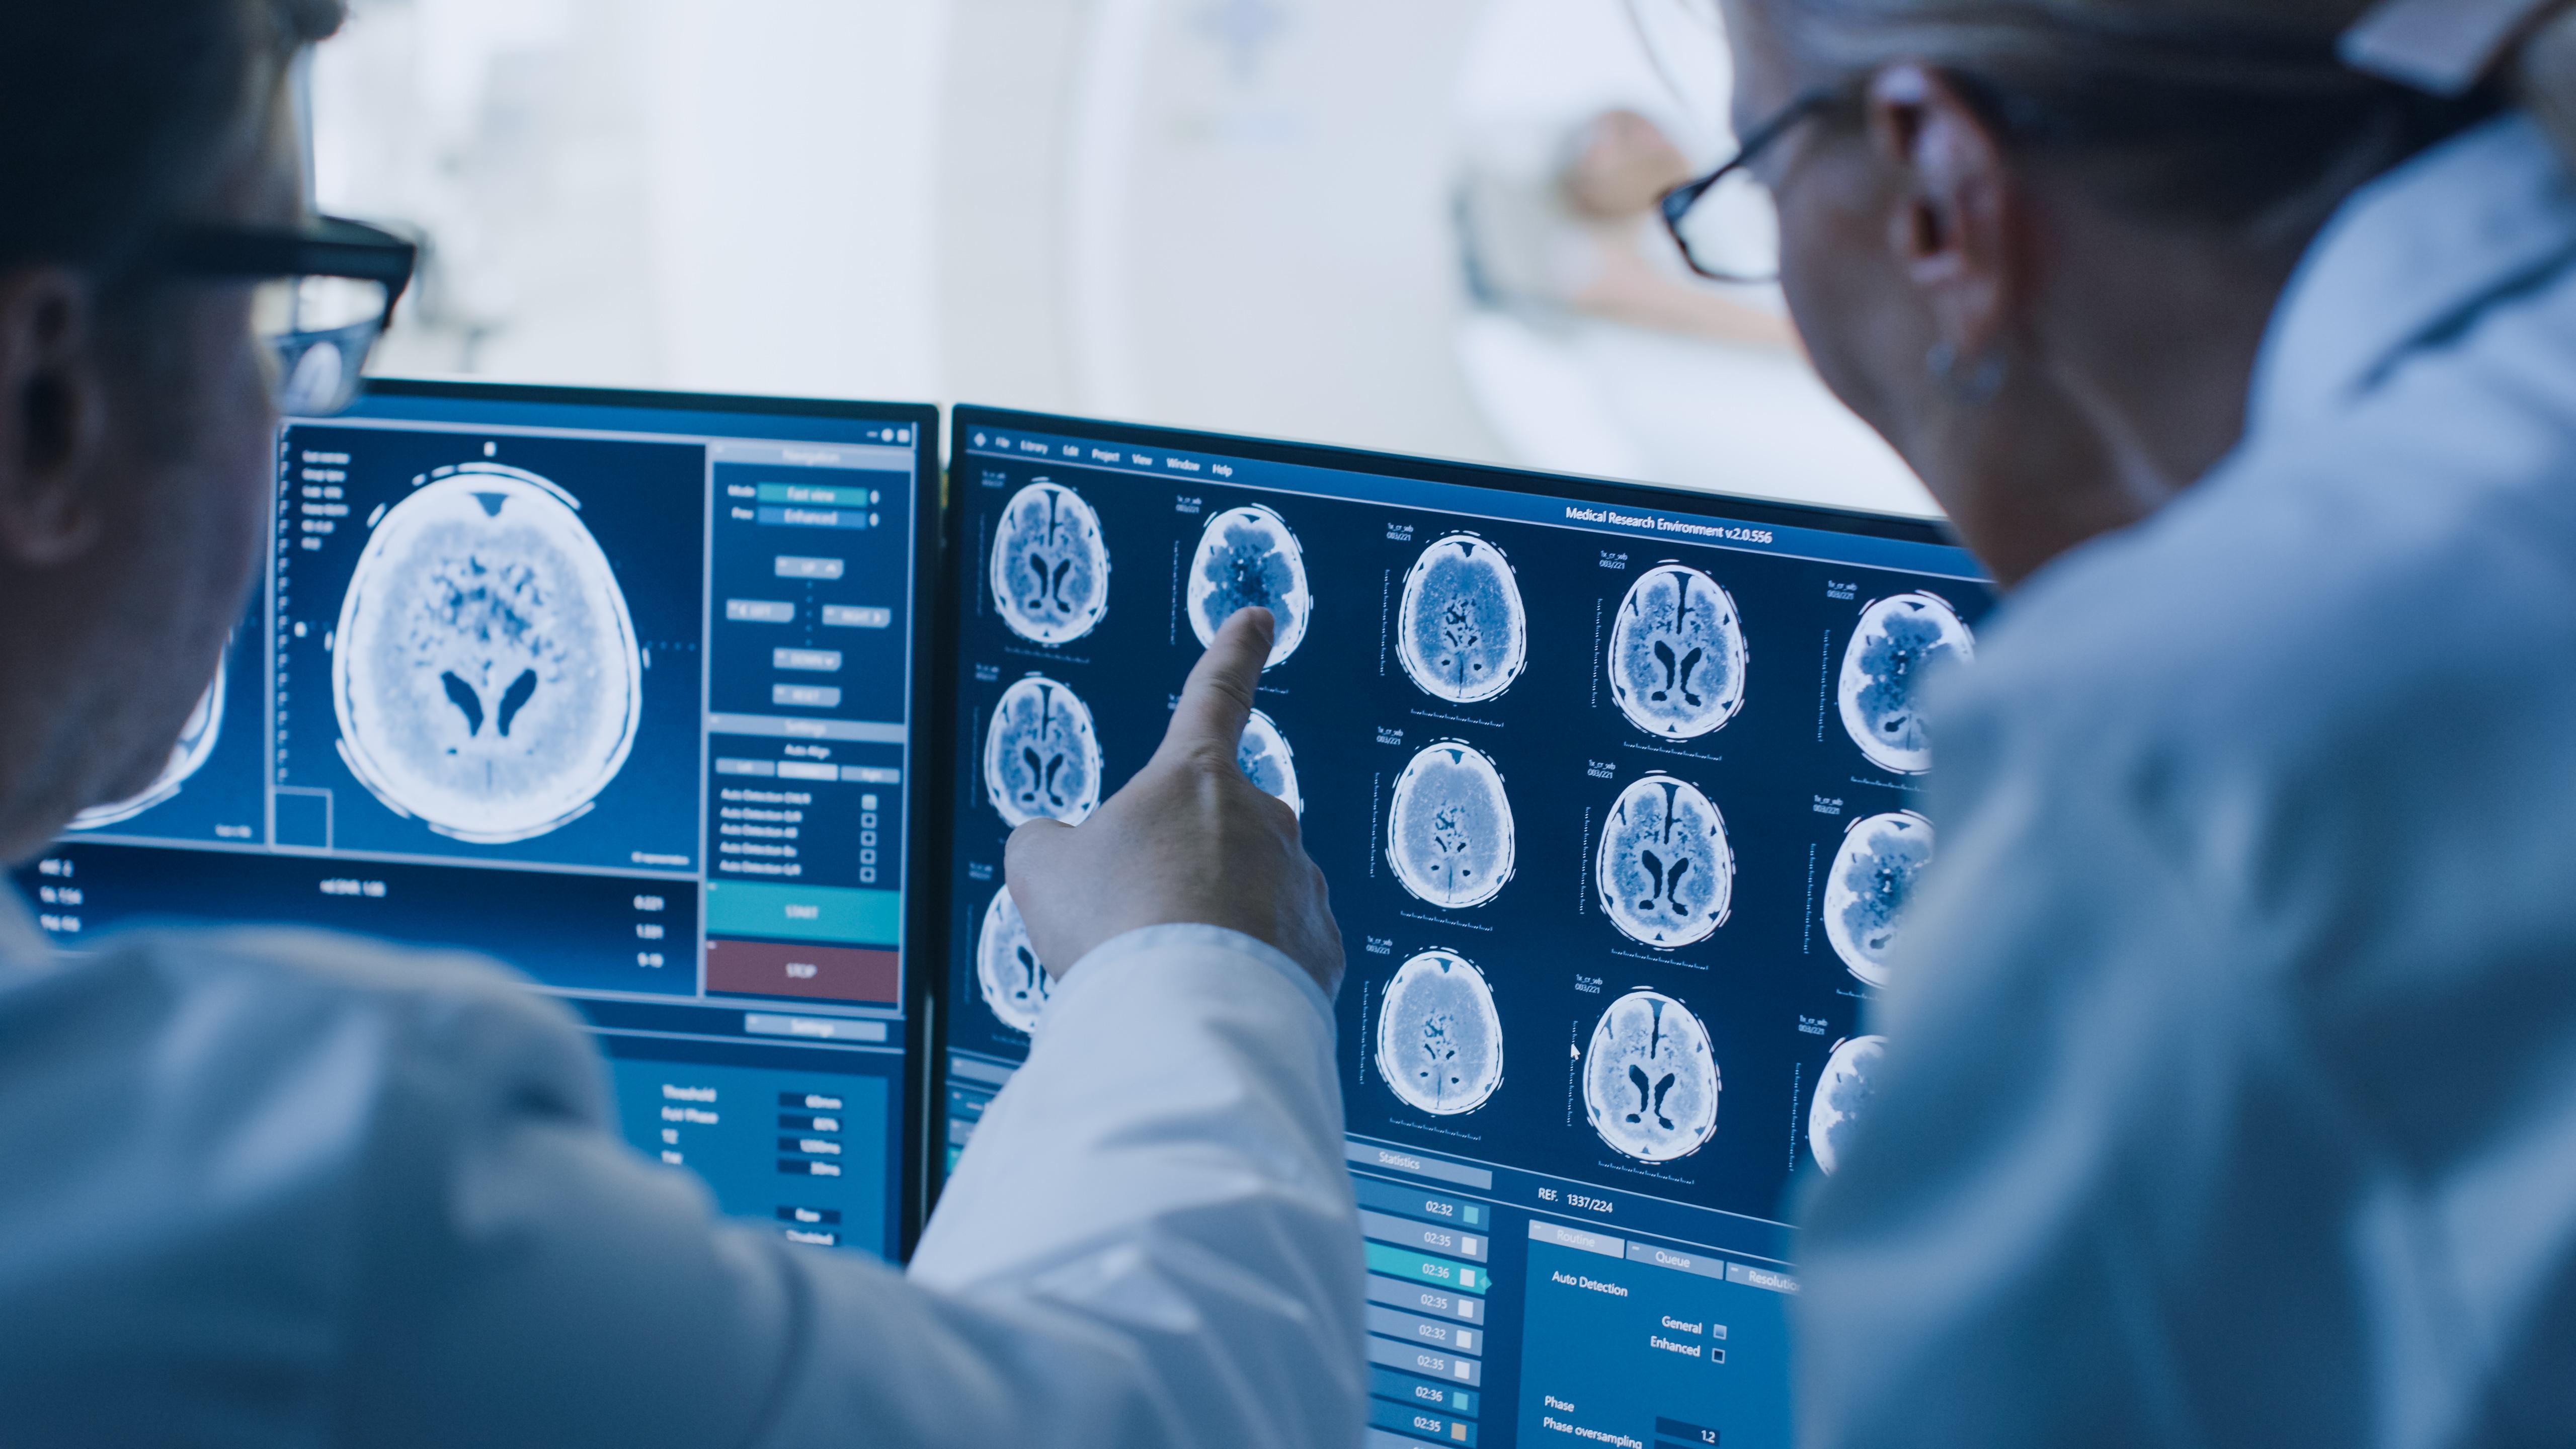 Principais vantagens do sistema RIS na radiologia